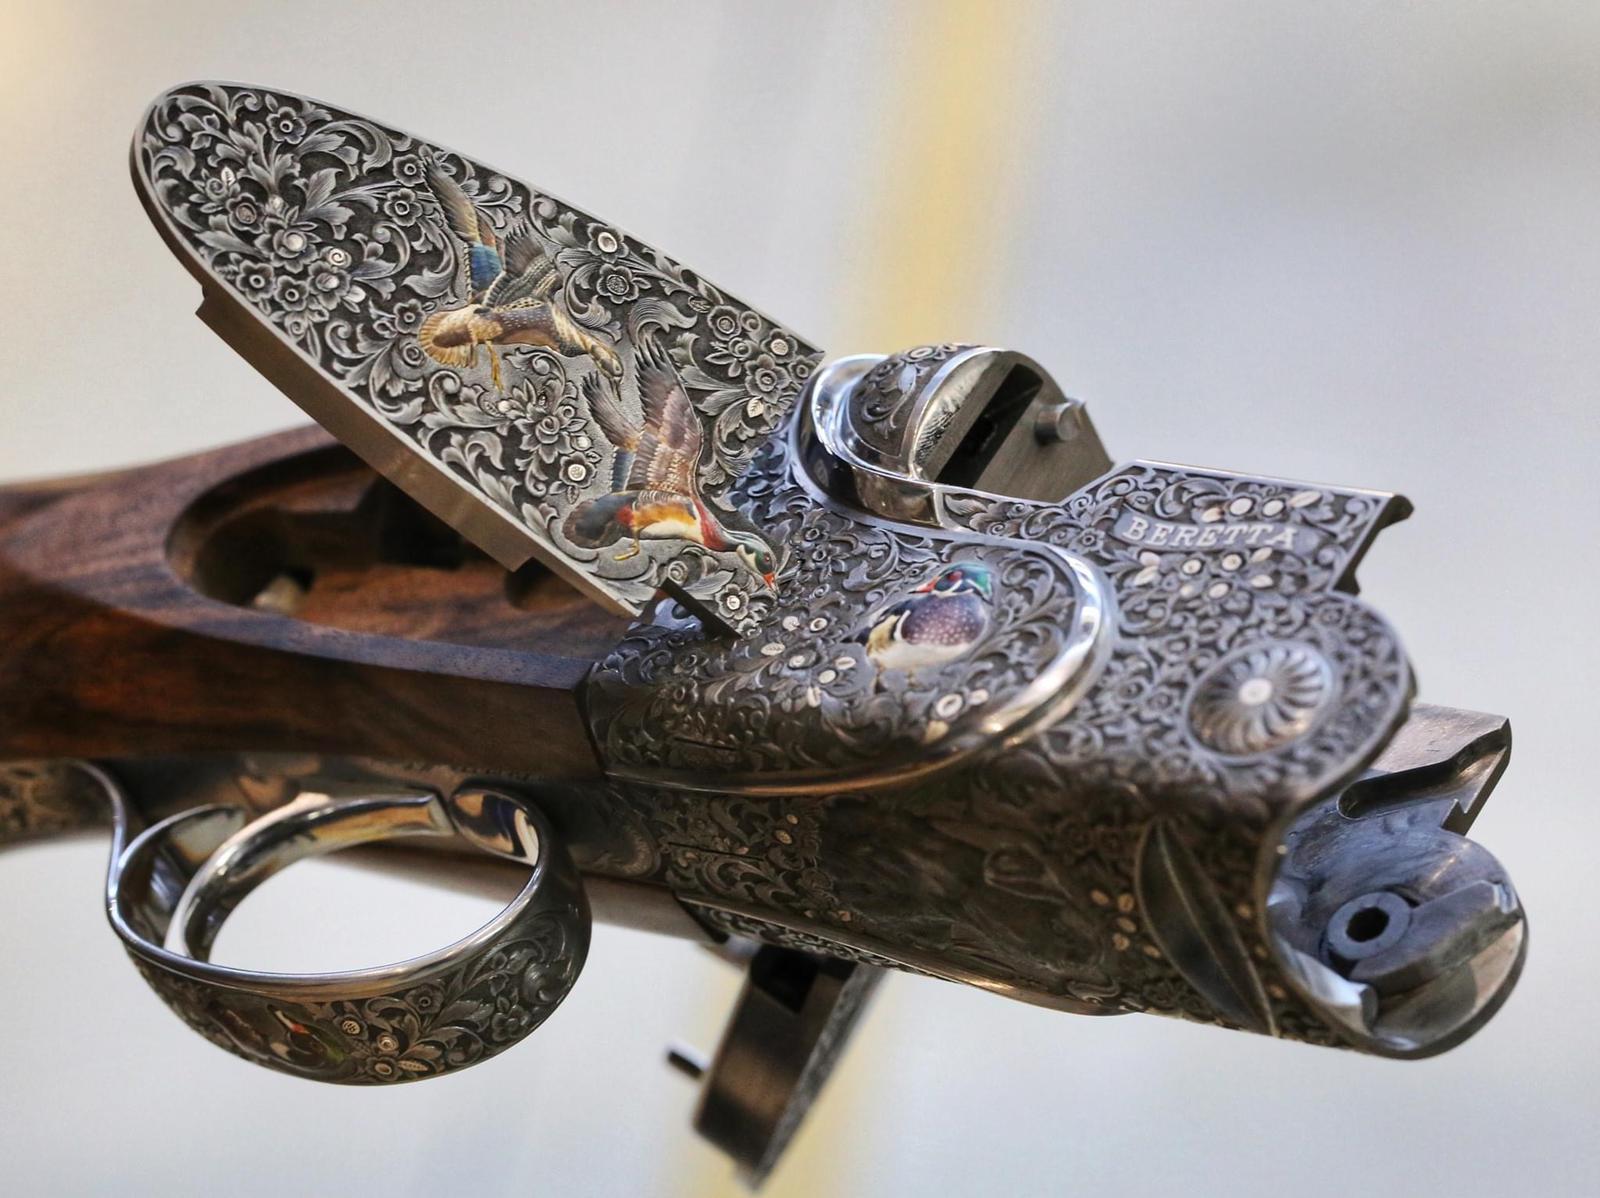 Shotgun for pheasant shooting